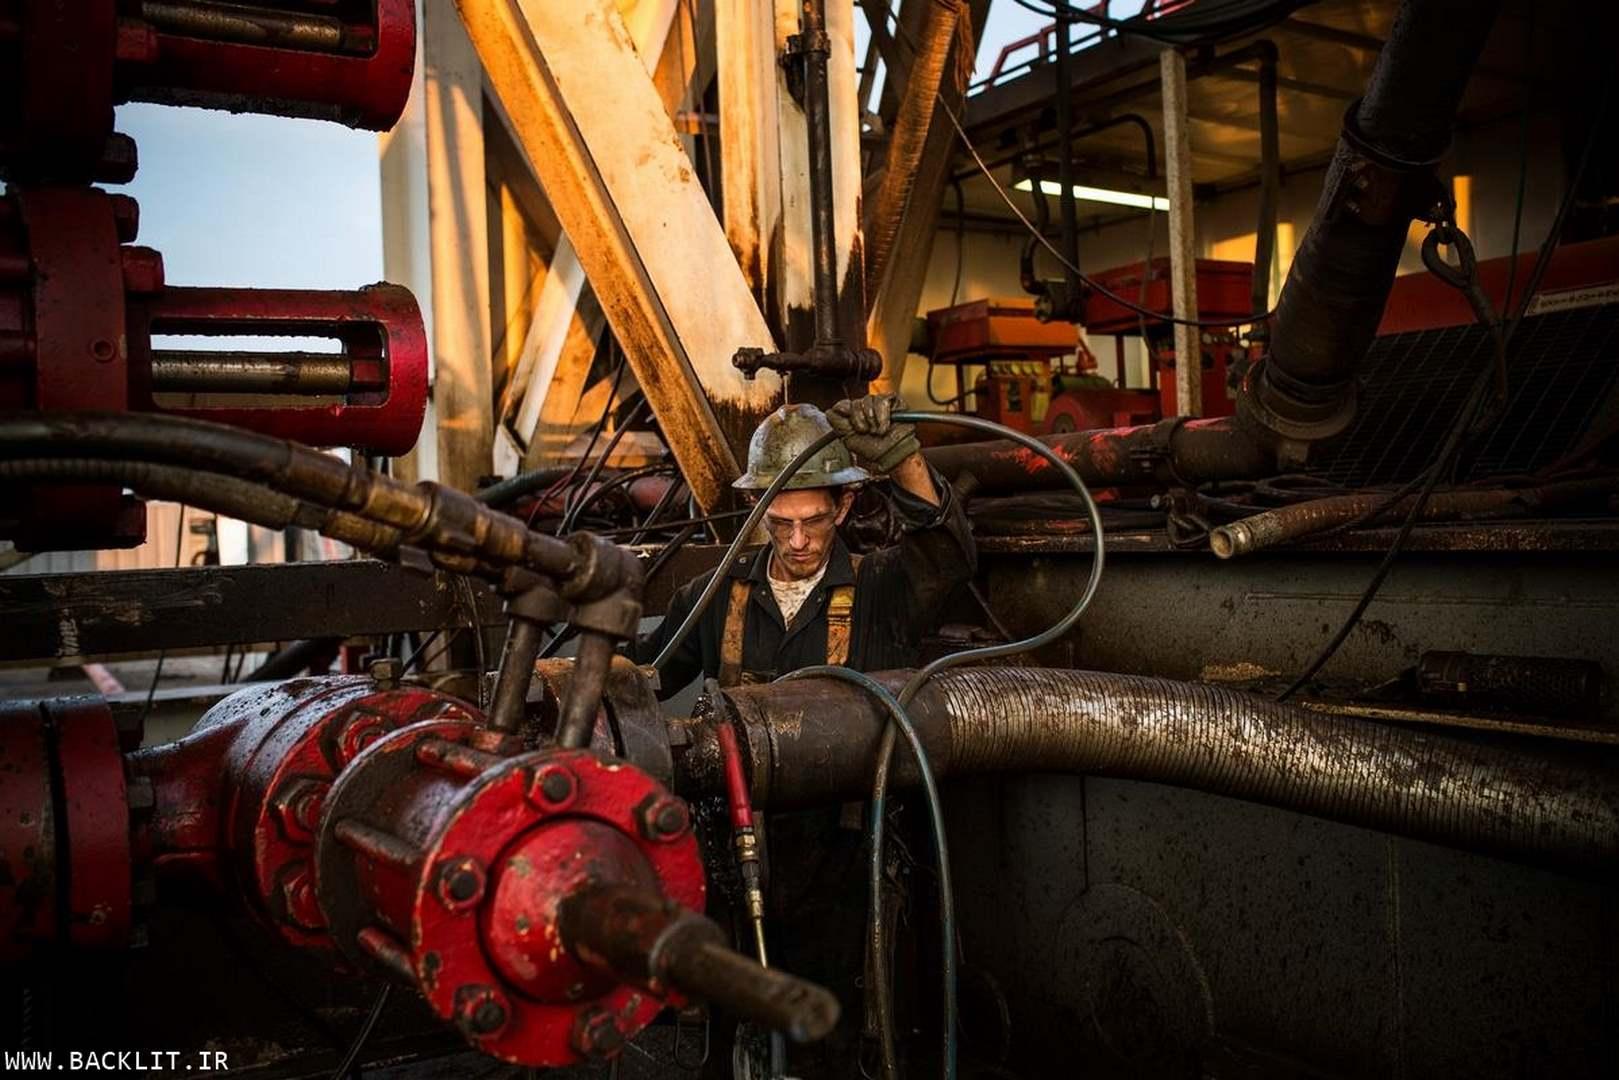 عکس تاسیسات صنعتی وپالایشگاهی 31